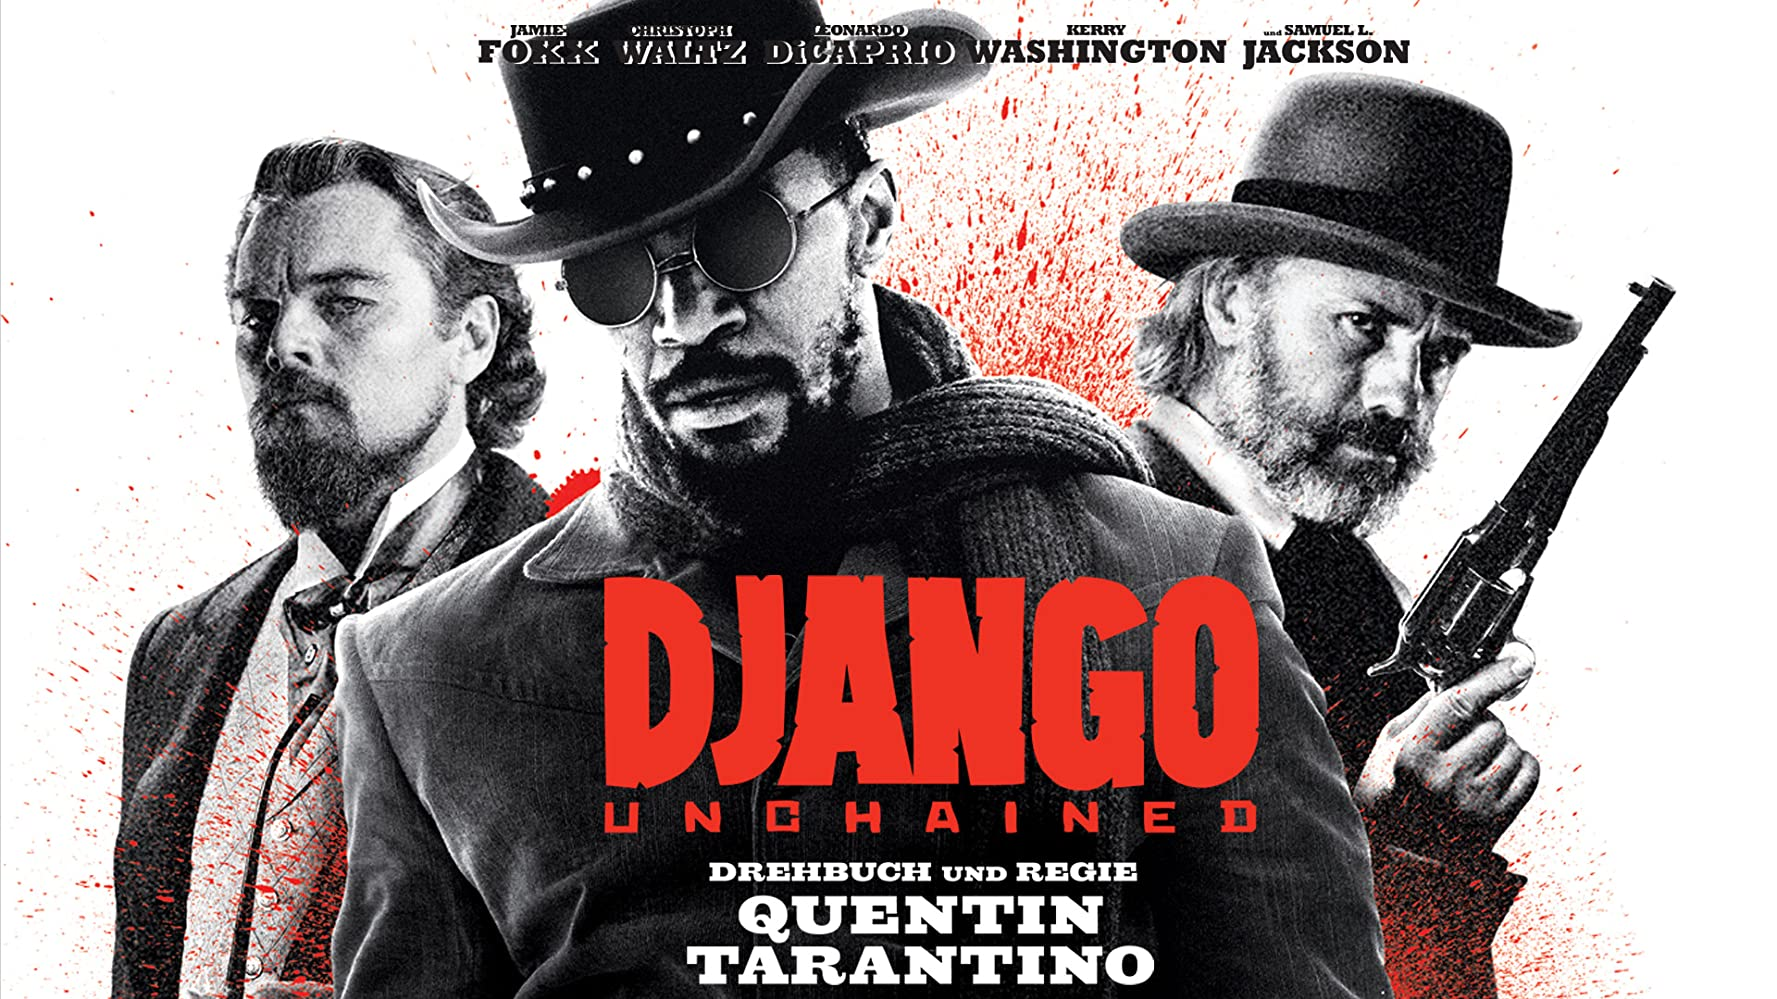 django unchained drehbuch